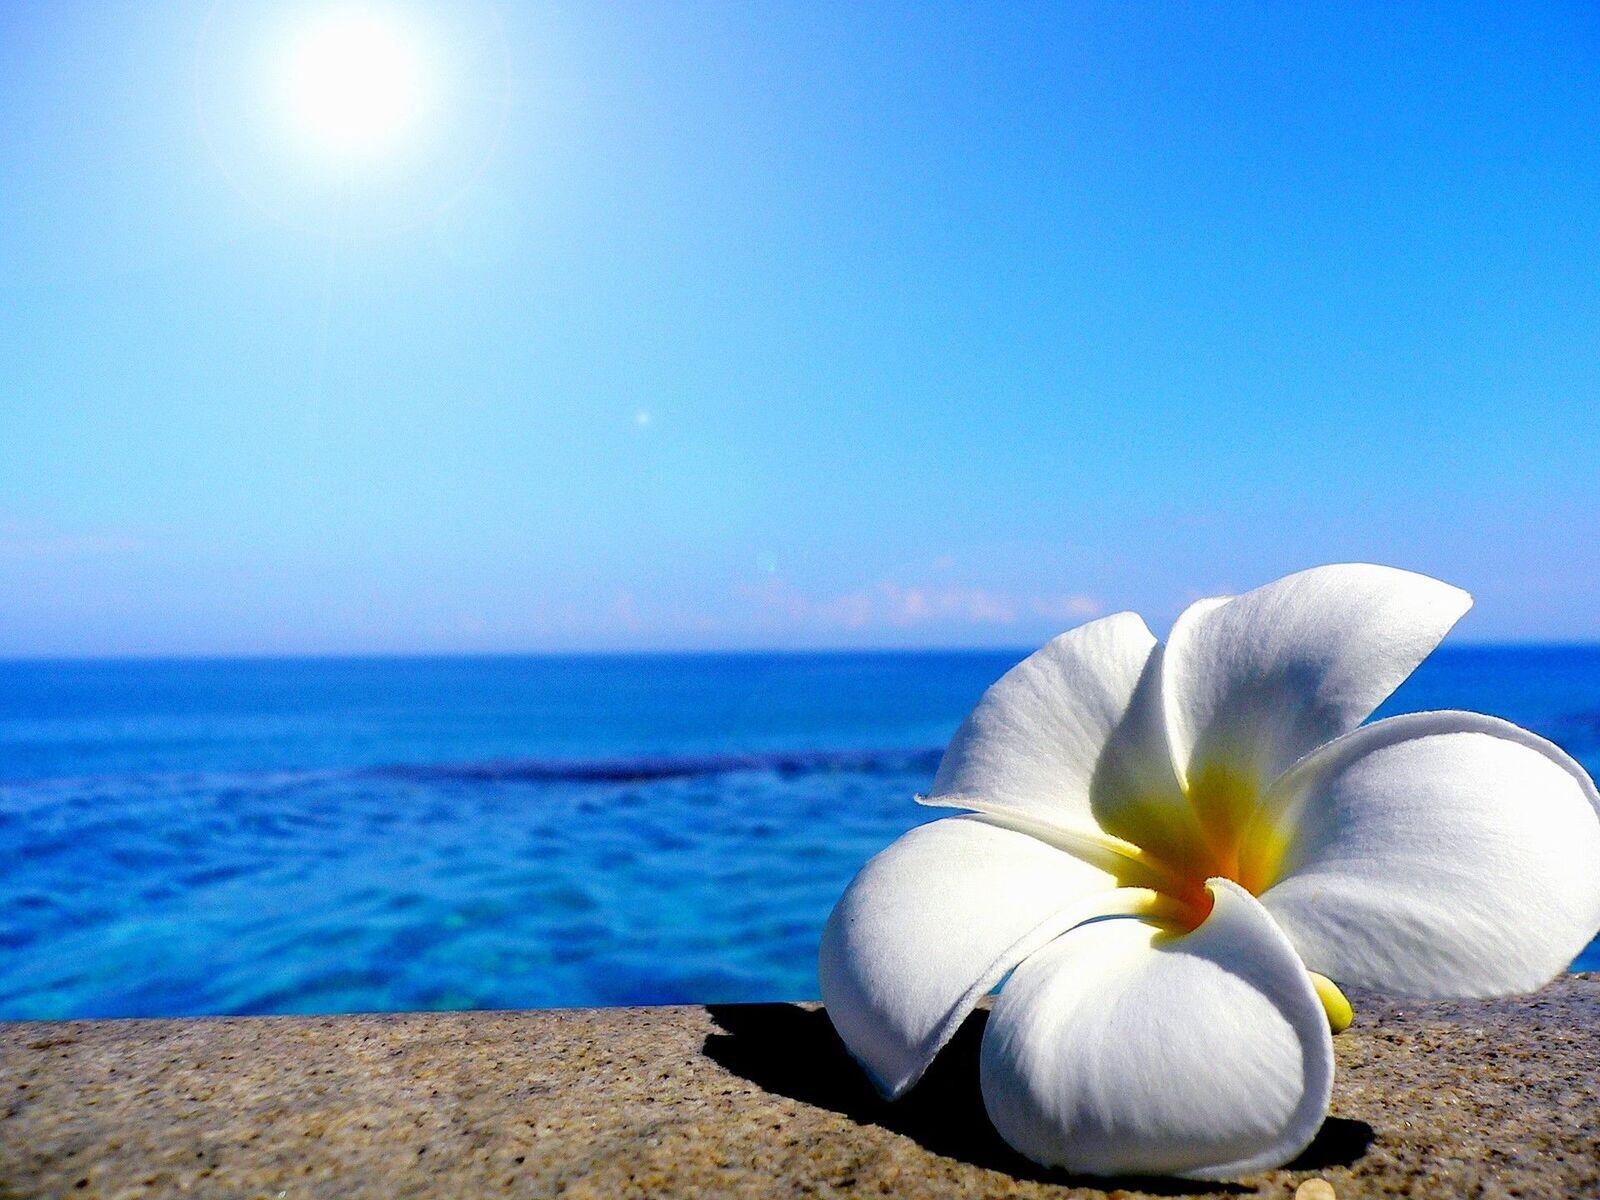 خلفيات زهور الشاطئ 2021 اجمل الزهور على الشاطئ Beach Flowers Wallpaper 4k Hd صقور الإبدآع